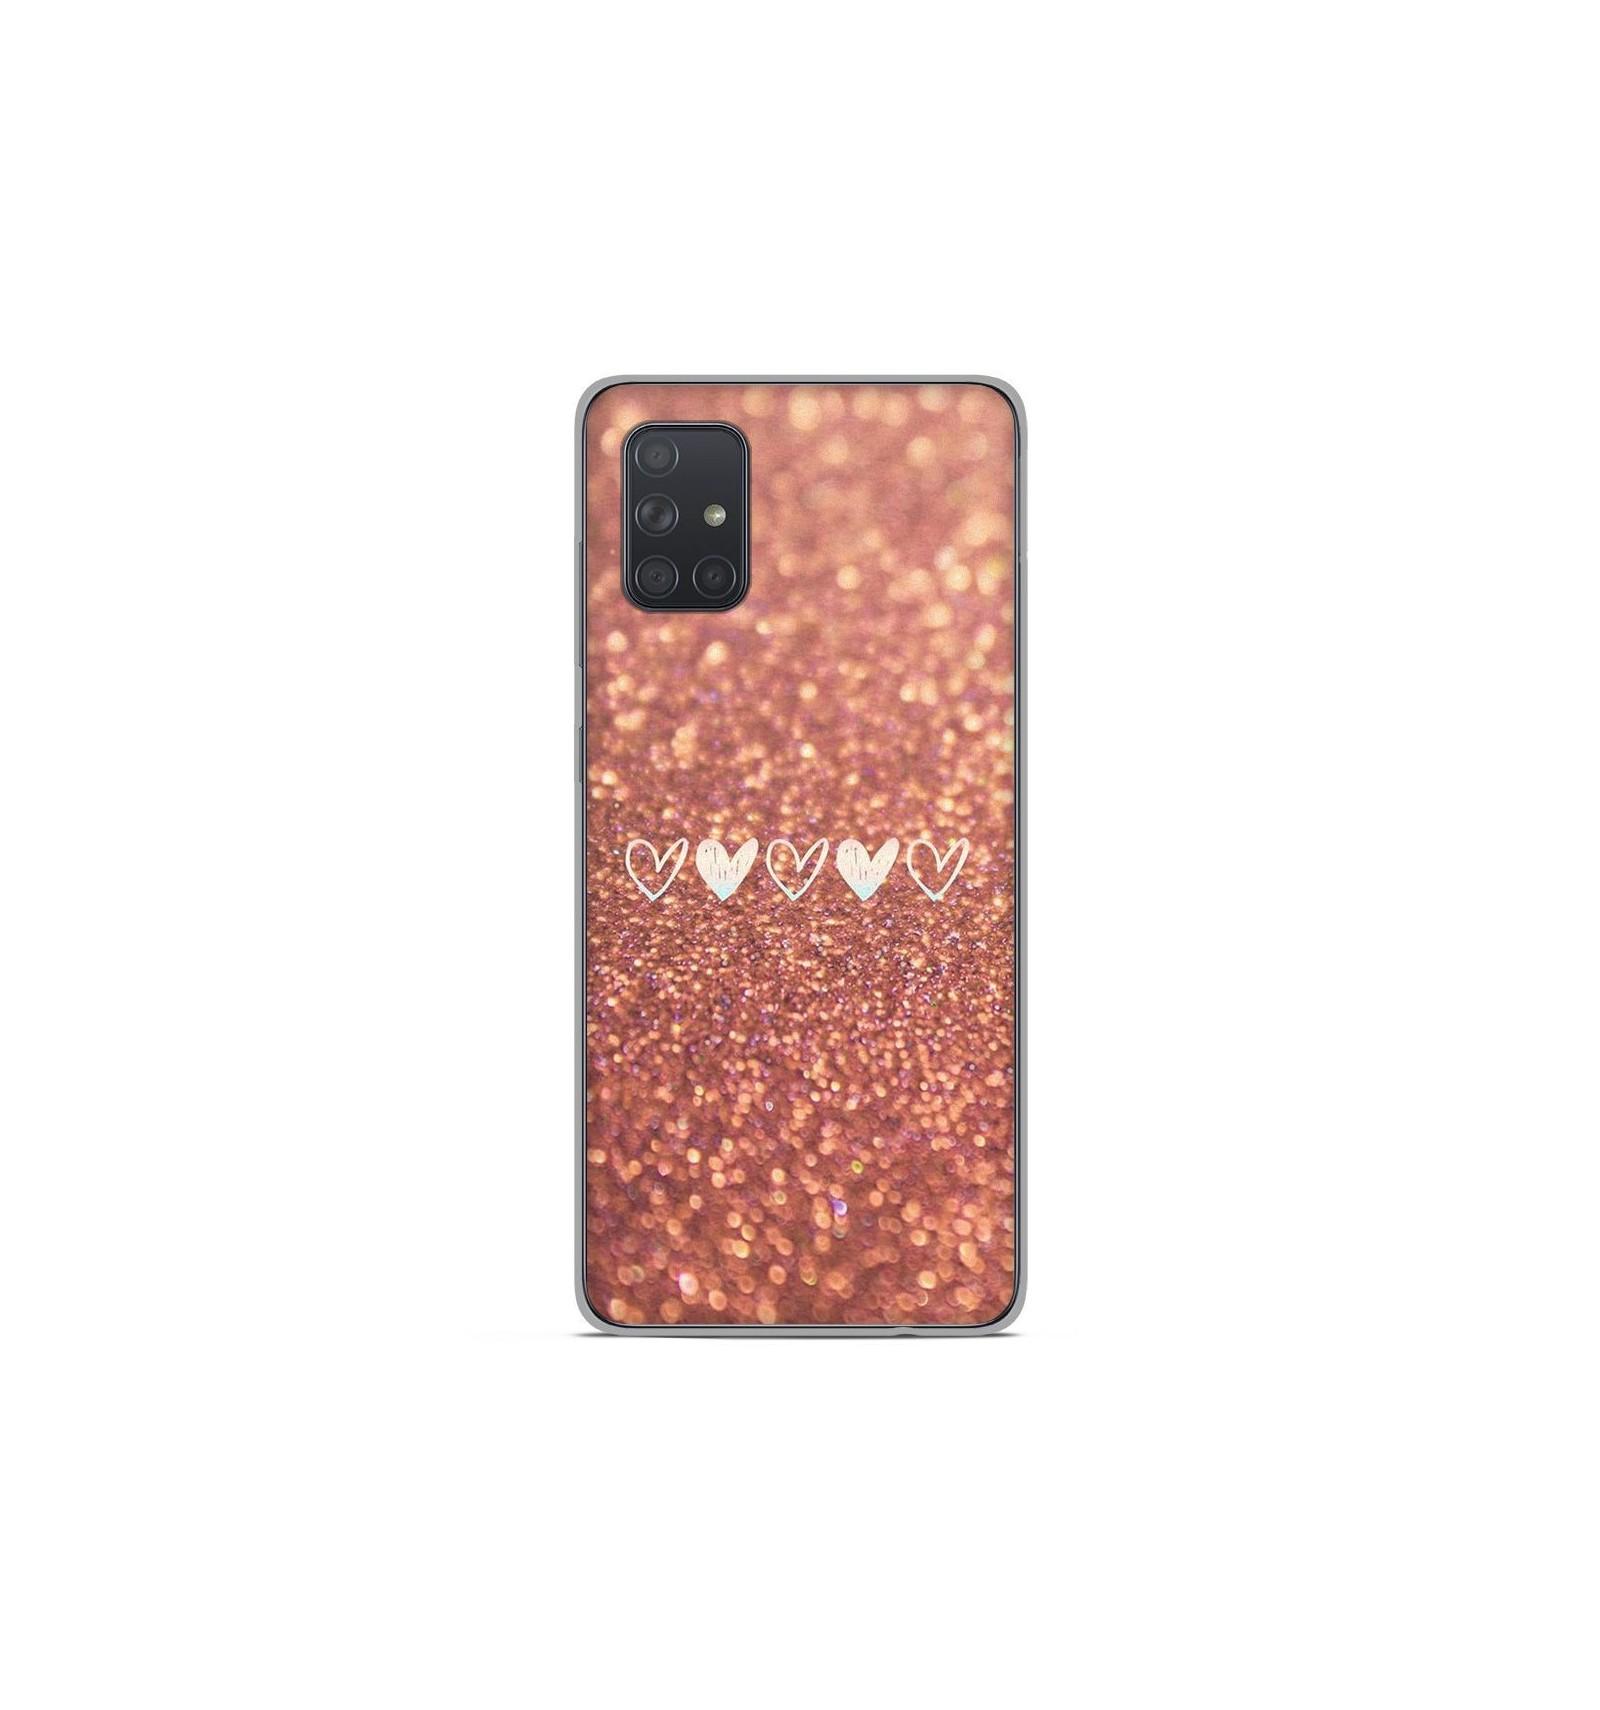 Coque en silicone Samsung Galaxy A51 - Paillettes coeur